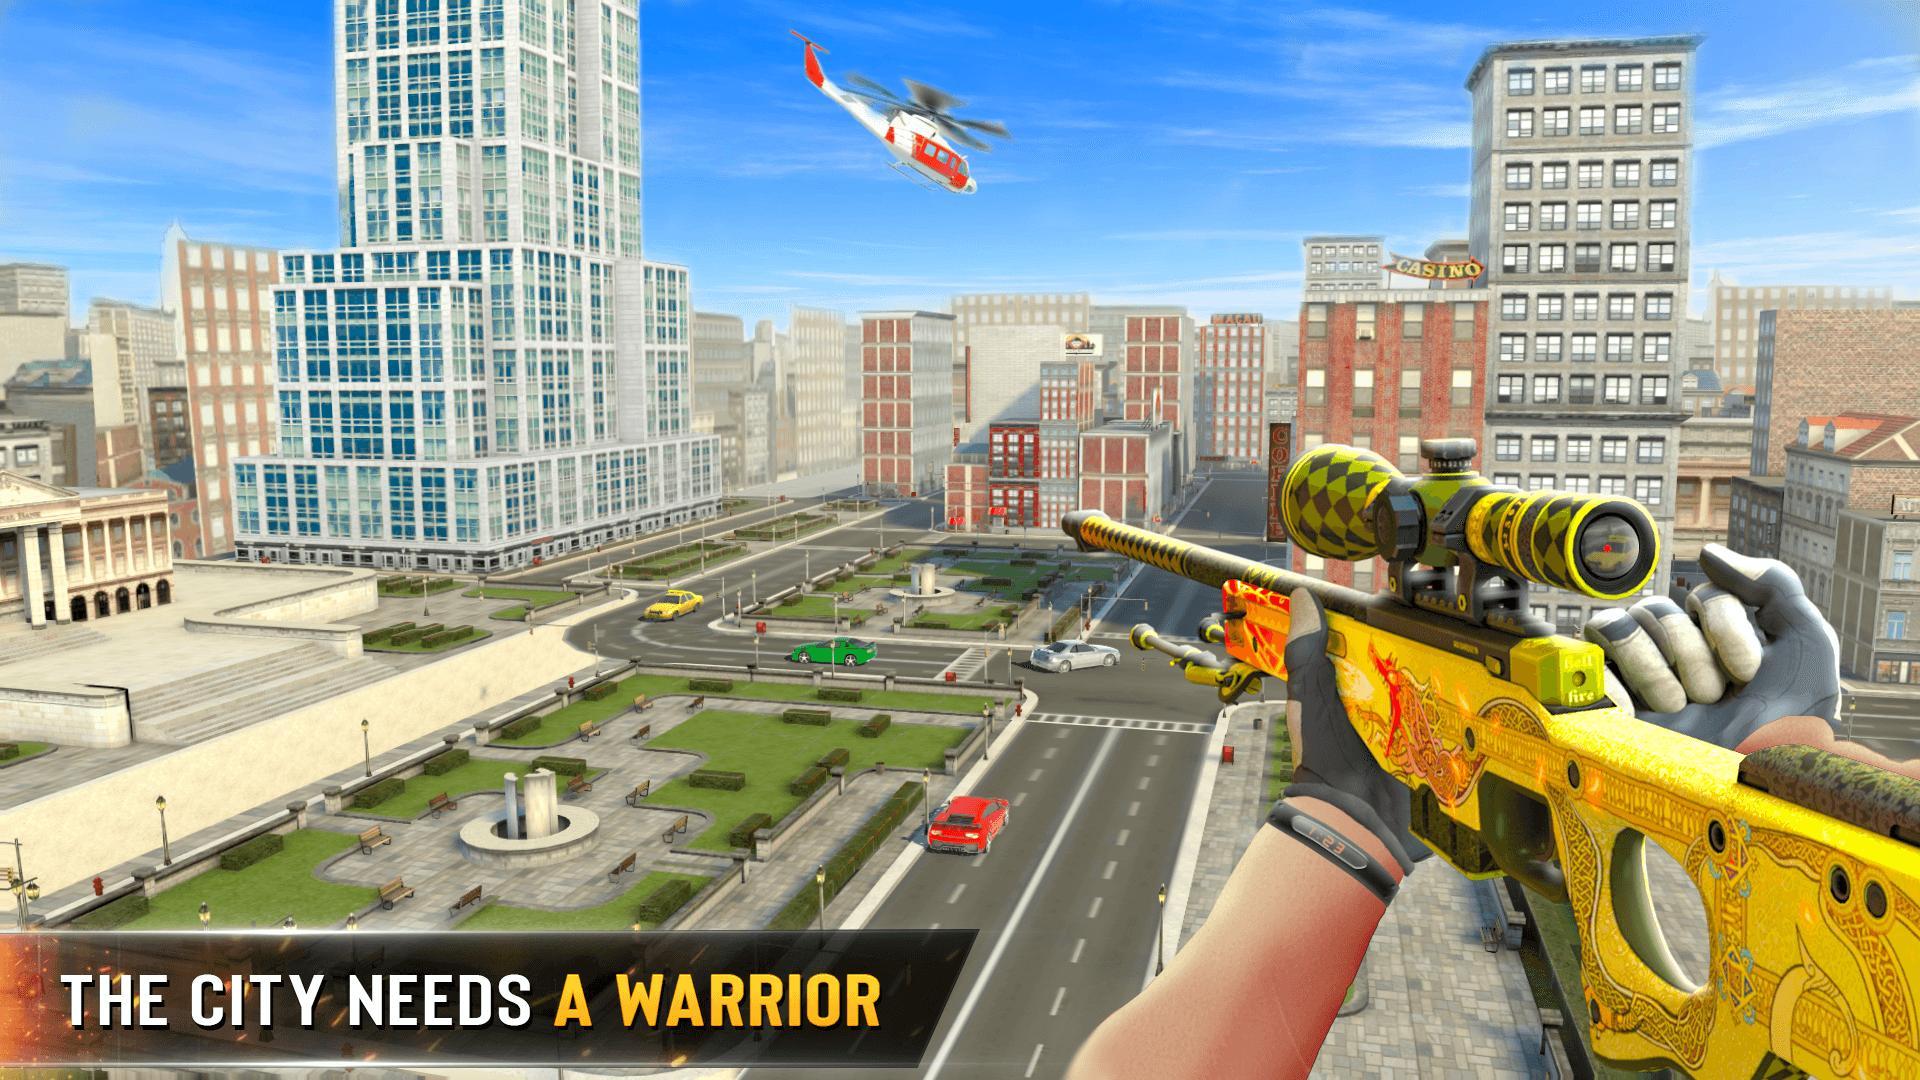 New Sniper Shooter: Free offline 3D shooting games 1.78 Screenshot 1